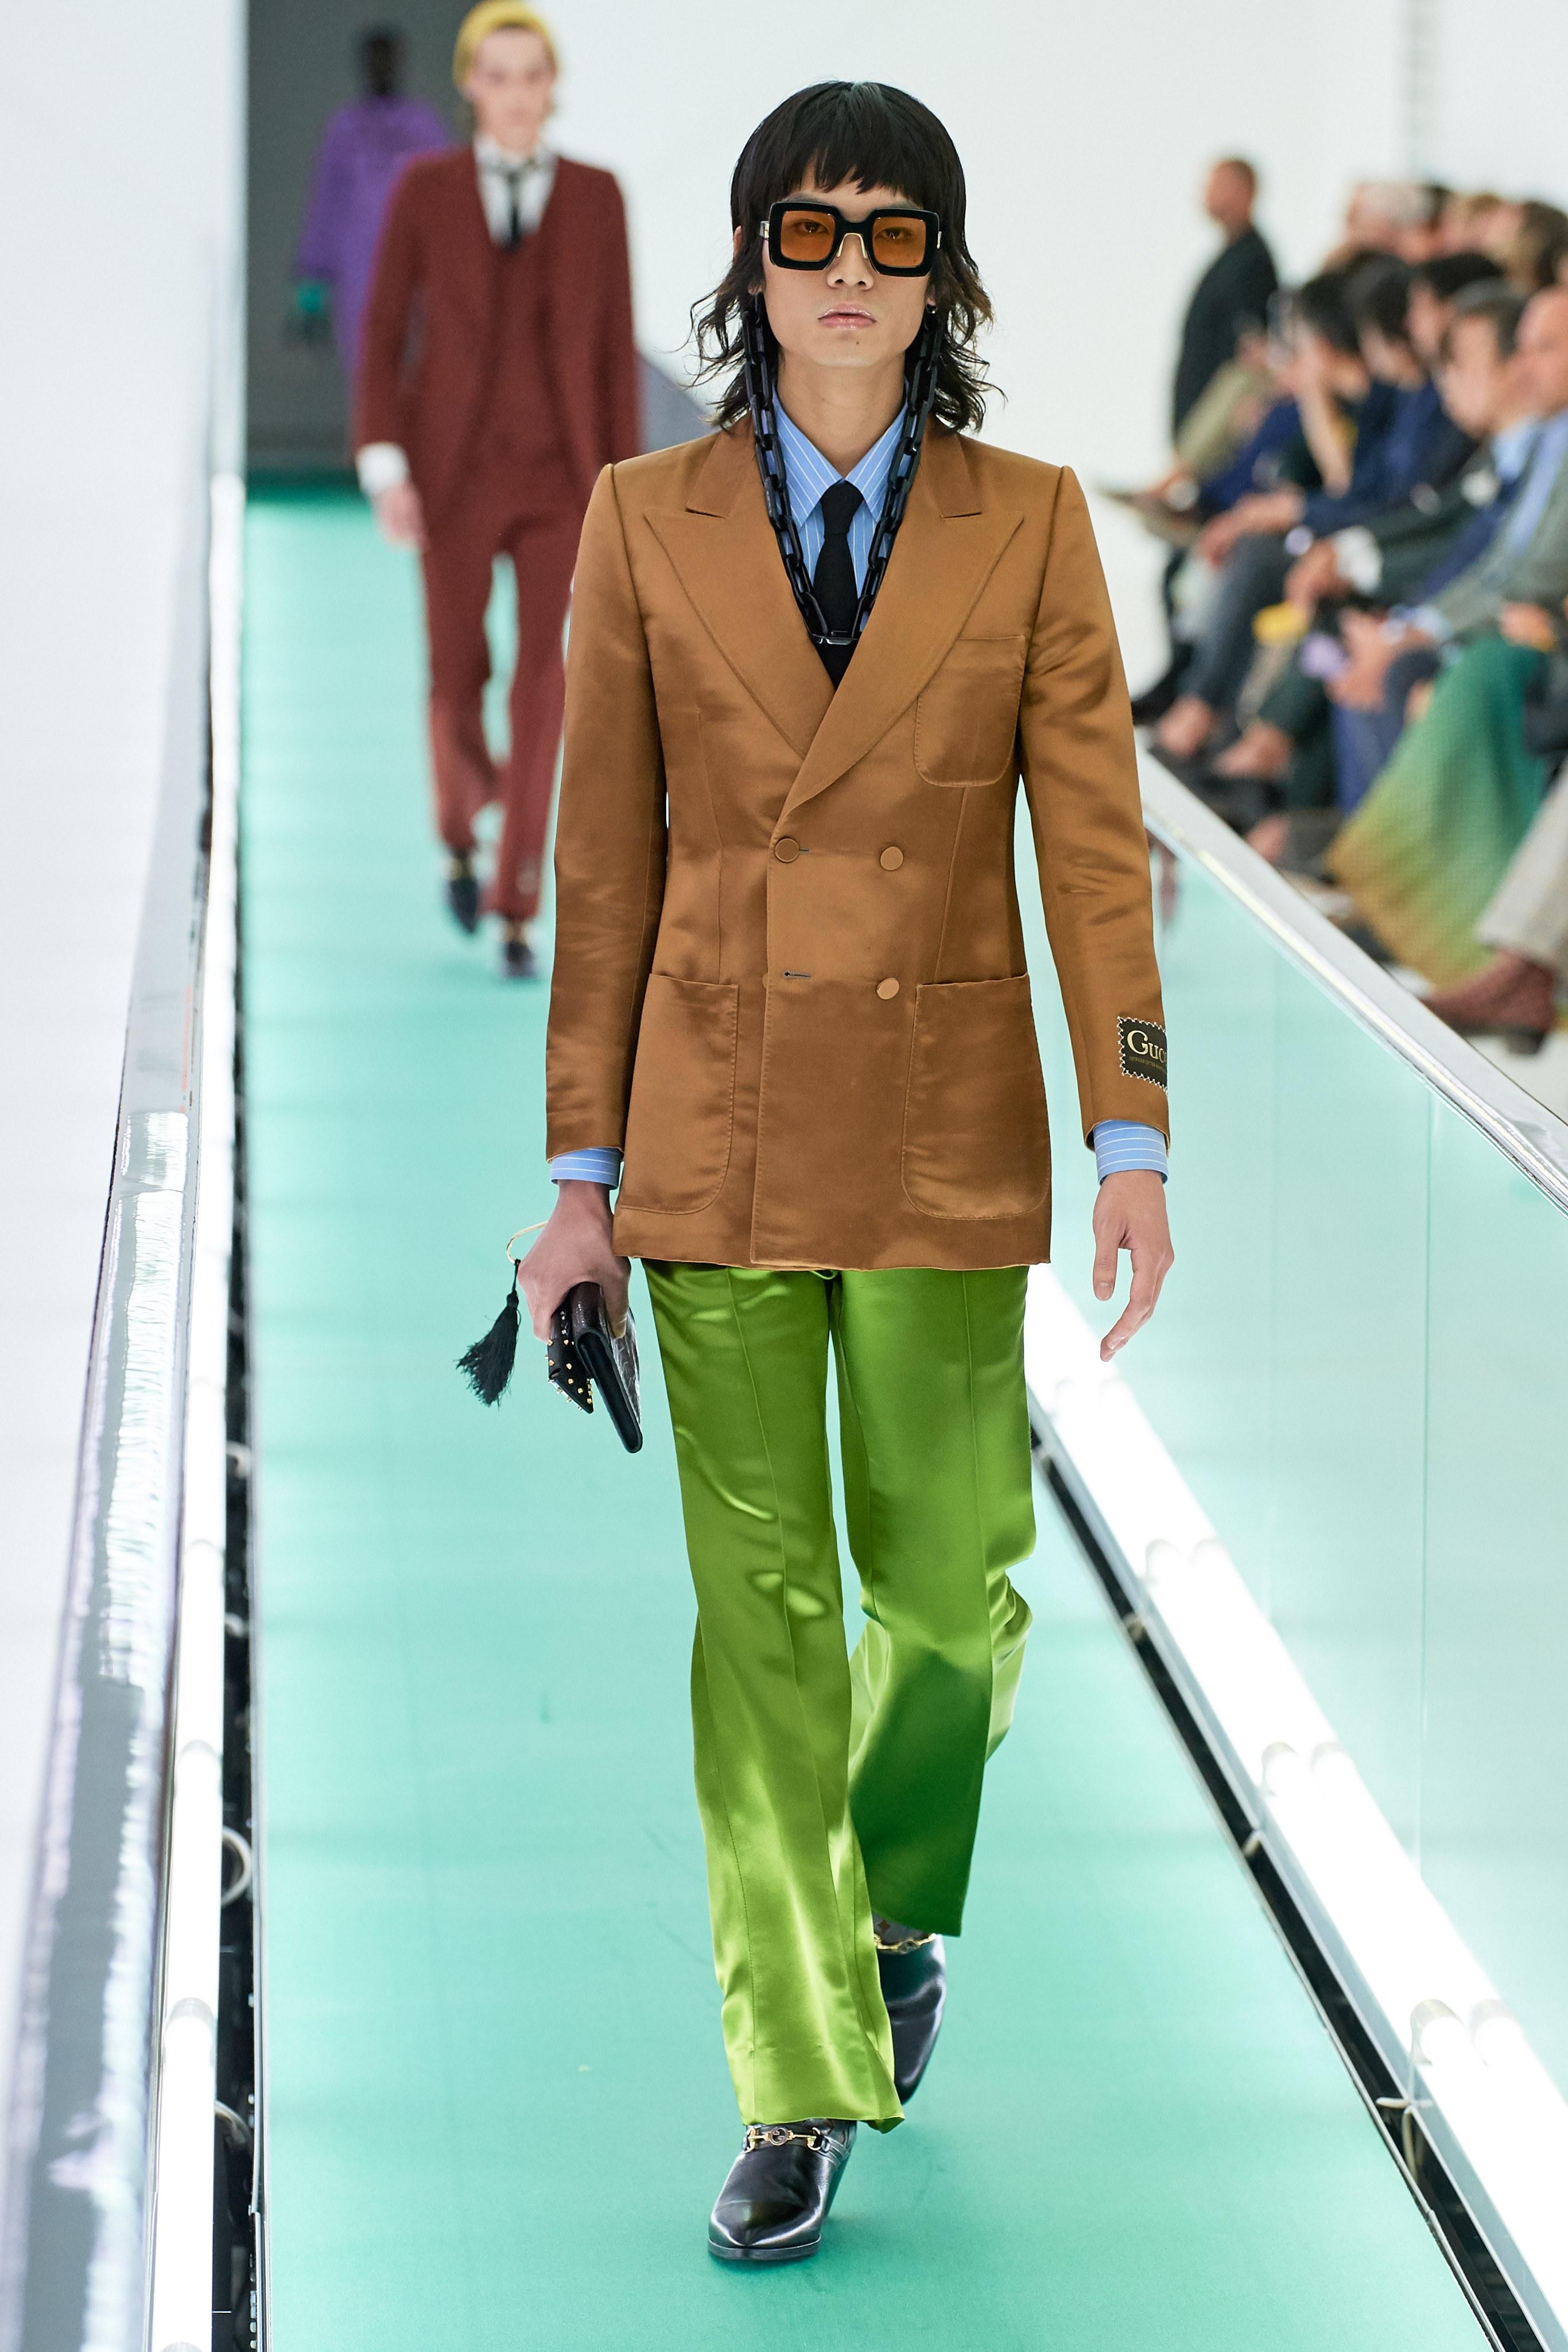 suit màu nâu và xanh lá bằng lụa gucci xuân hè 2020